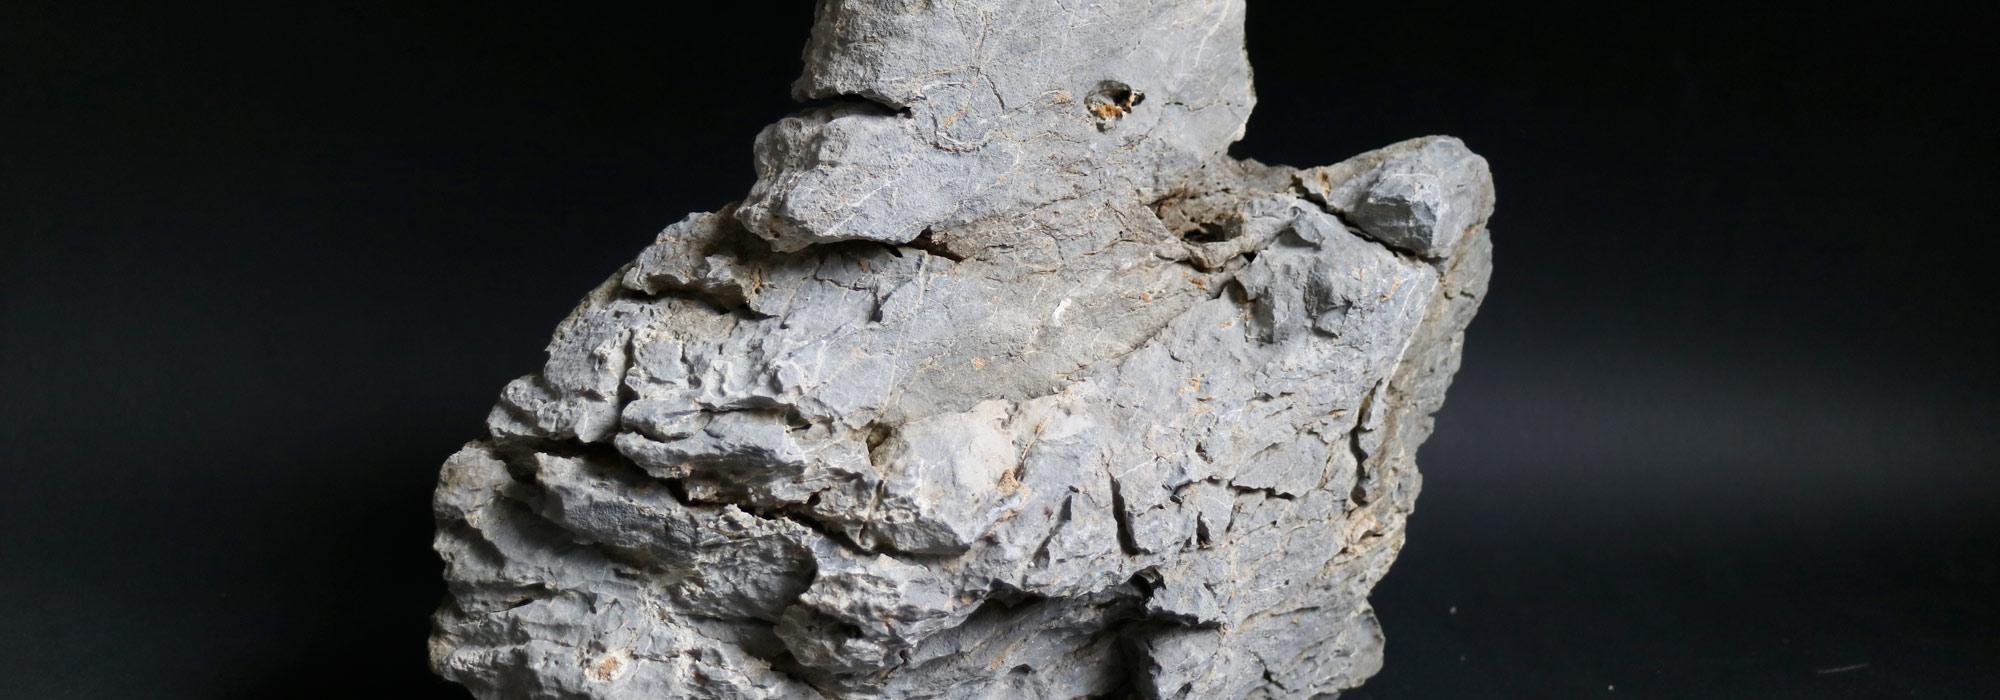 7b740f42b72 Seiryu steen - Mooi grijs is niet lelijk - Aquascapen.nl